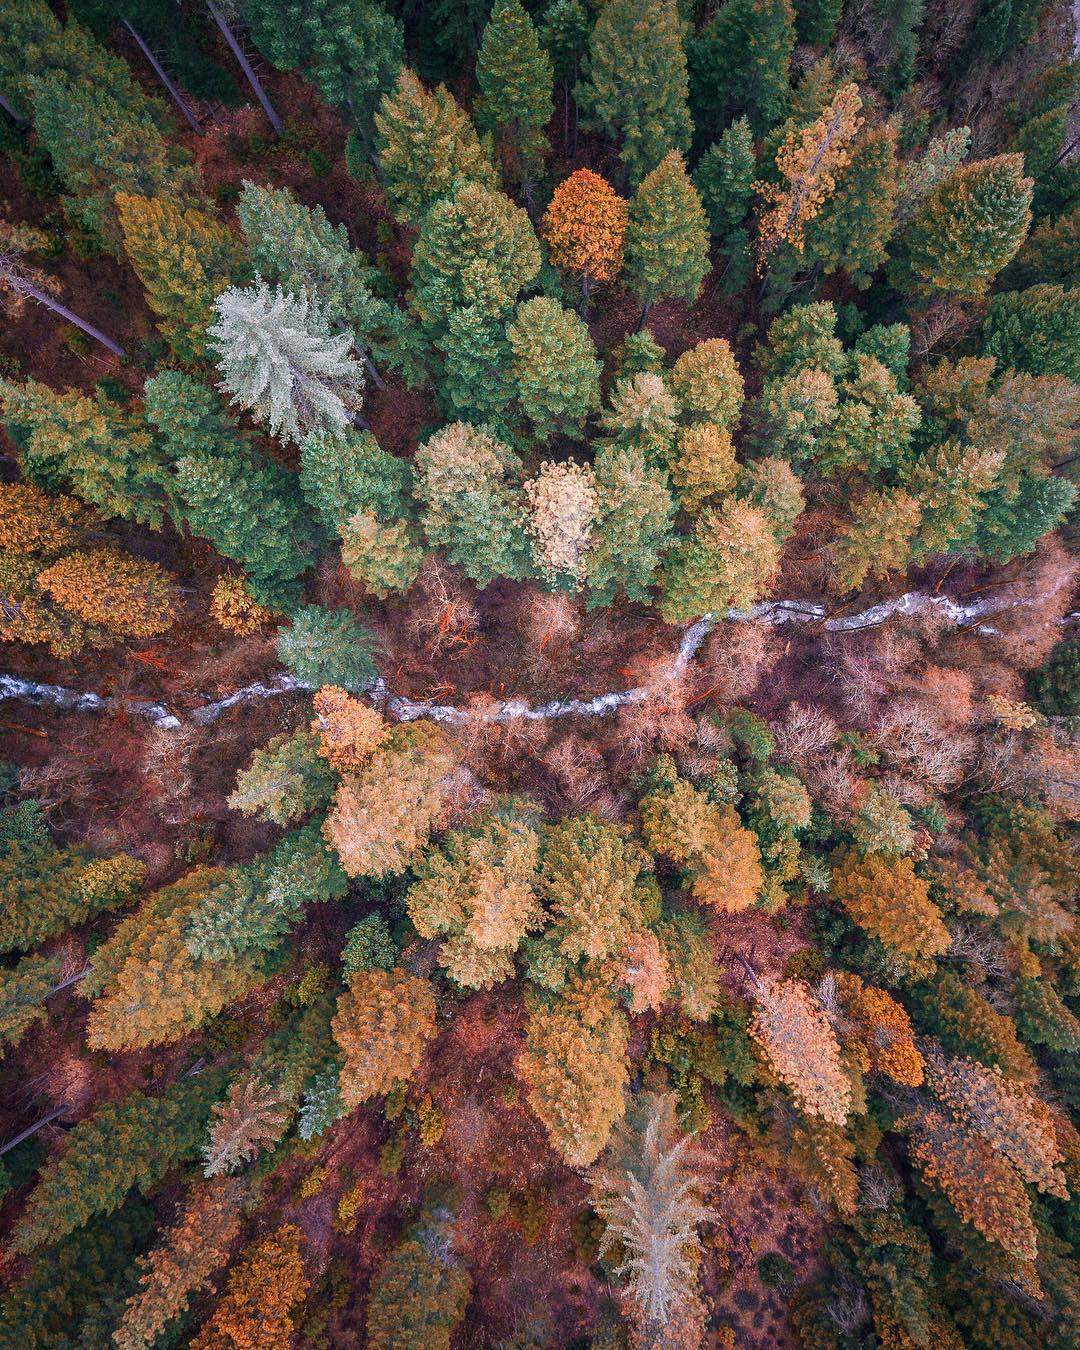 Imagens aéreas de paisagens vibrantes do fotógrafo Niaz Uddin 10